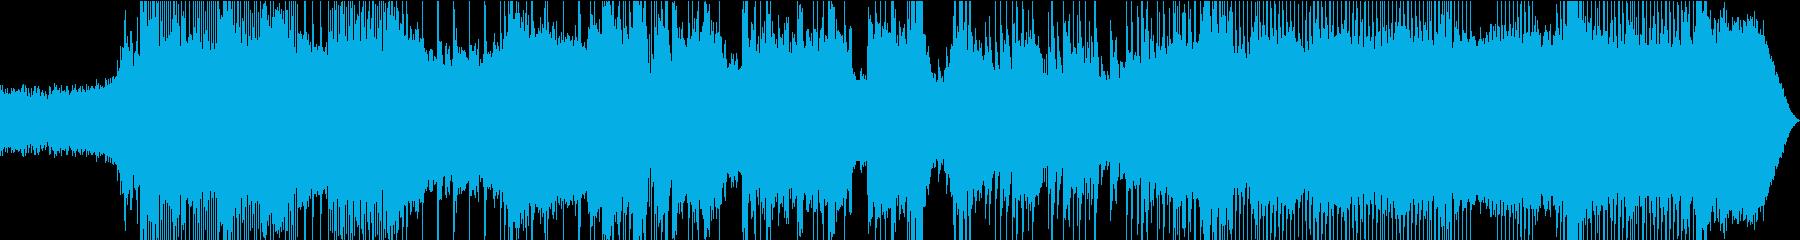 モダンで攻撃力のあるバンドサウンドの再生済みの波形